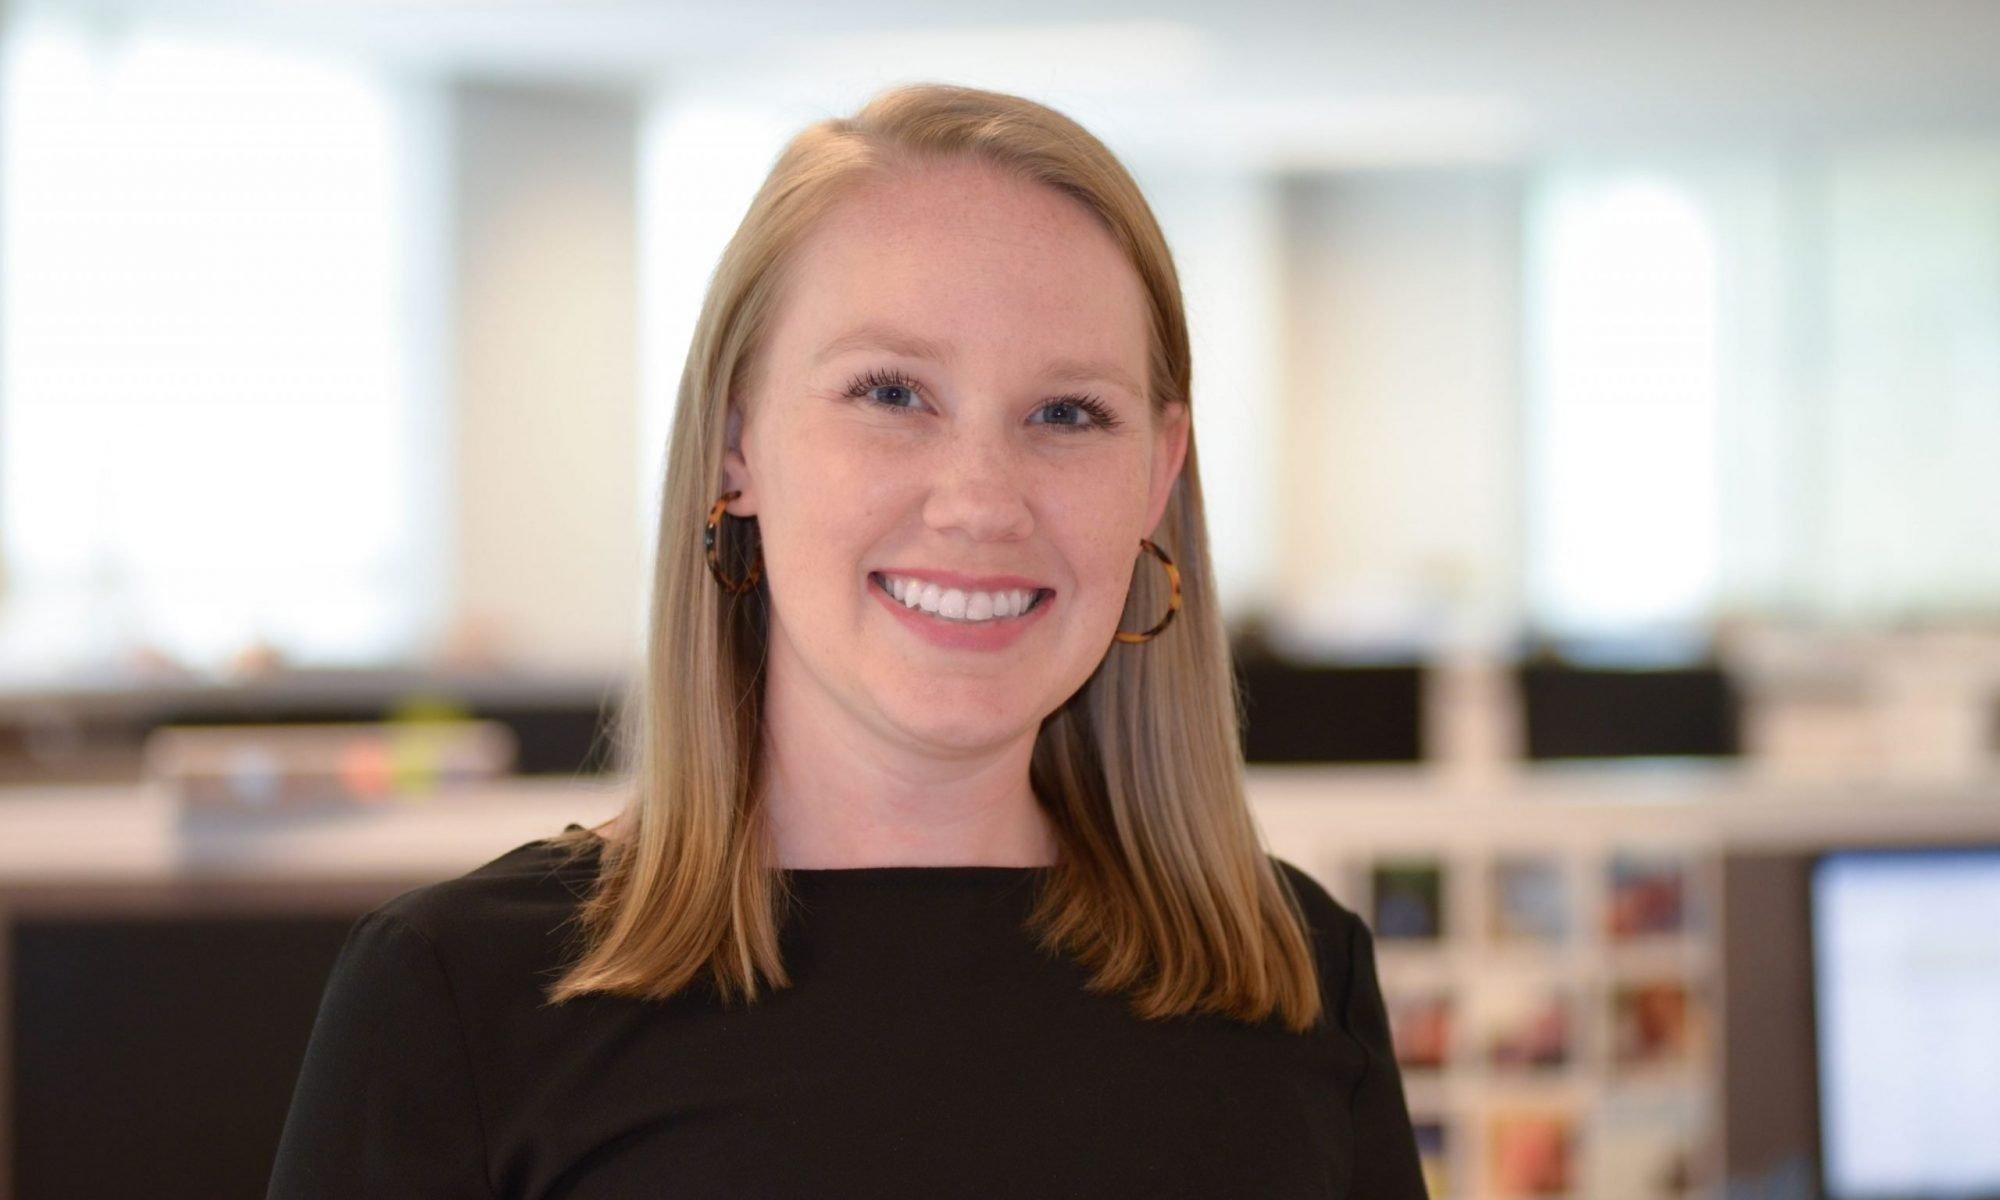 Lauren E. Townsend